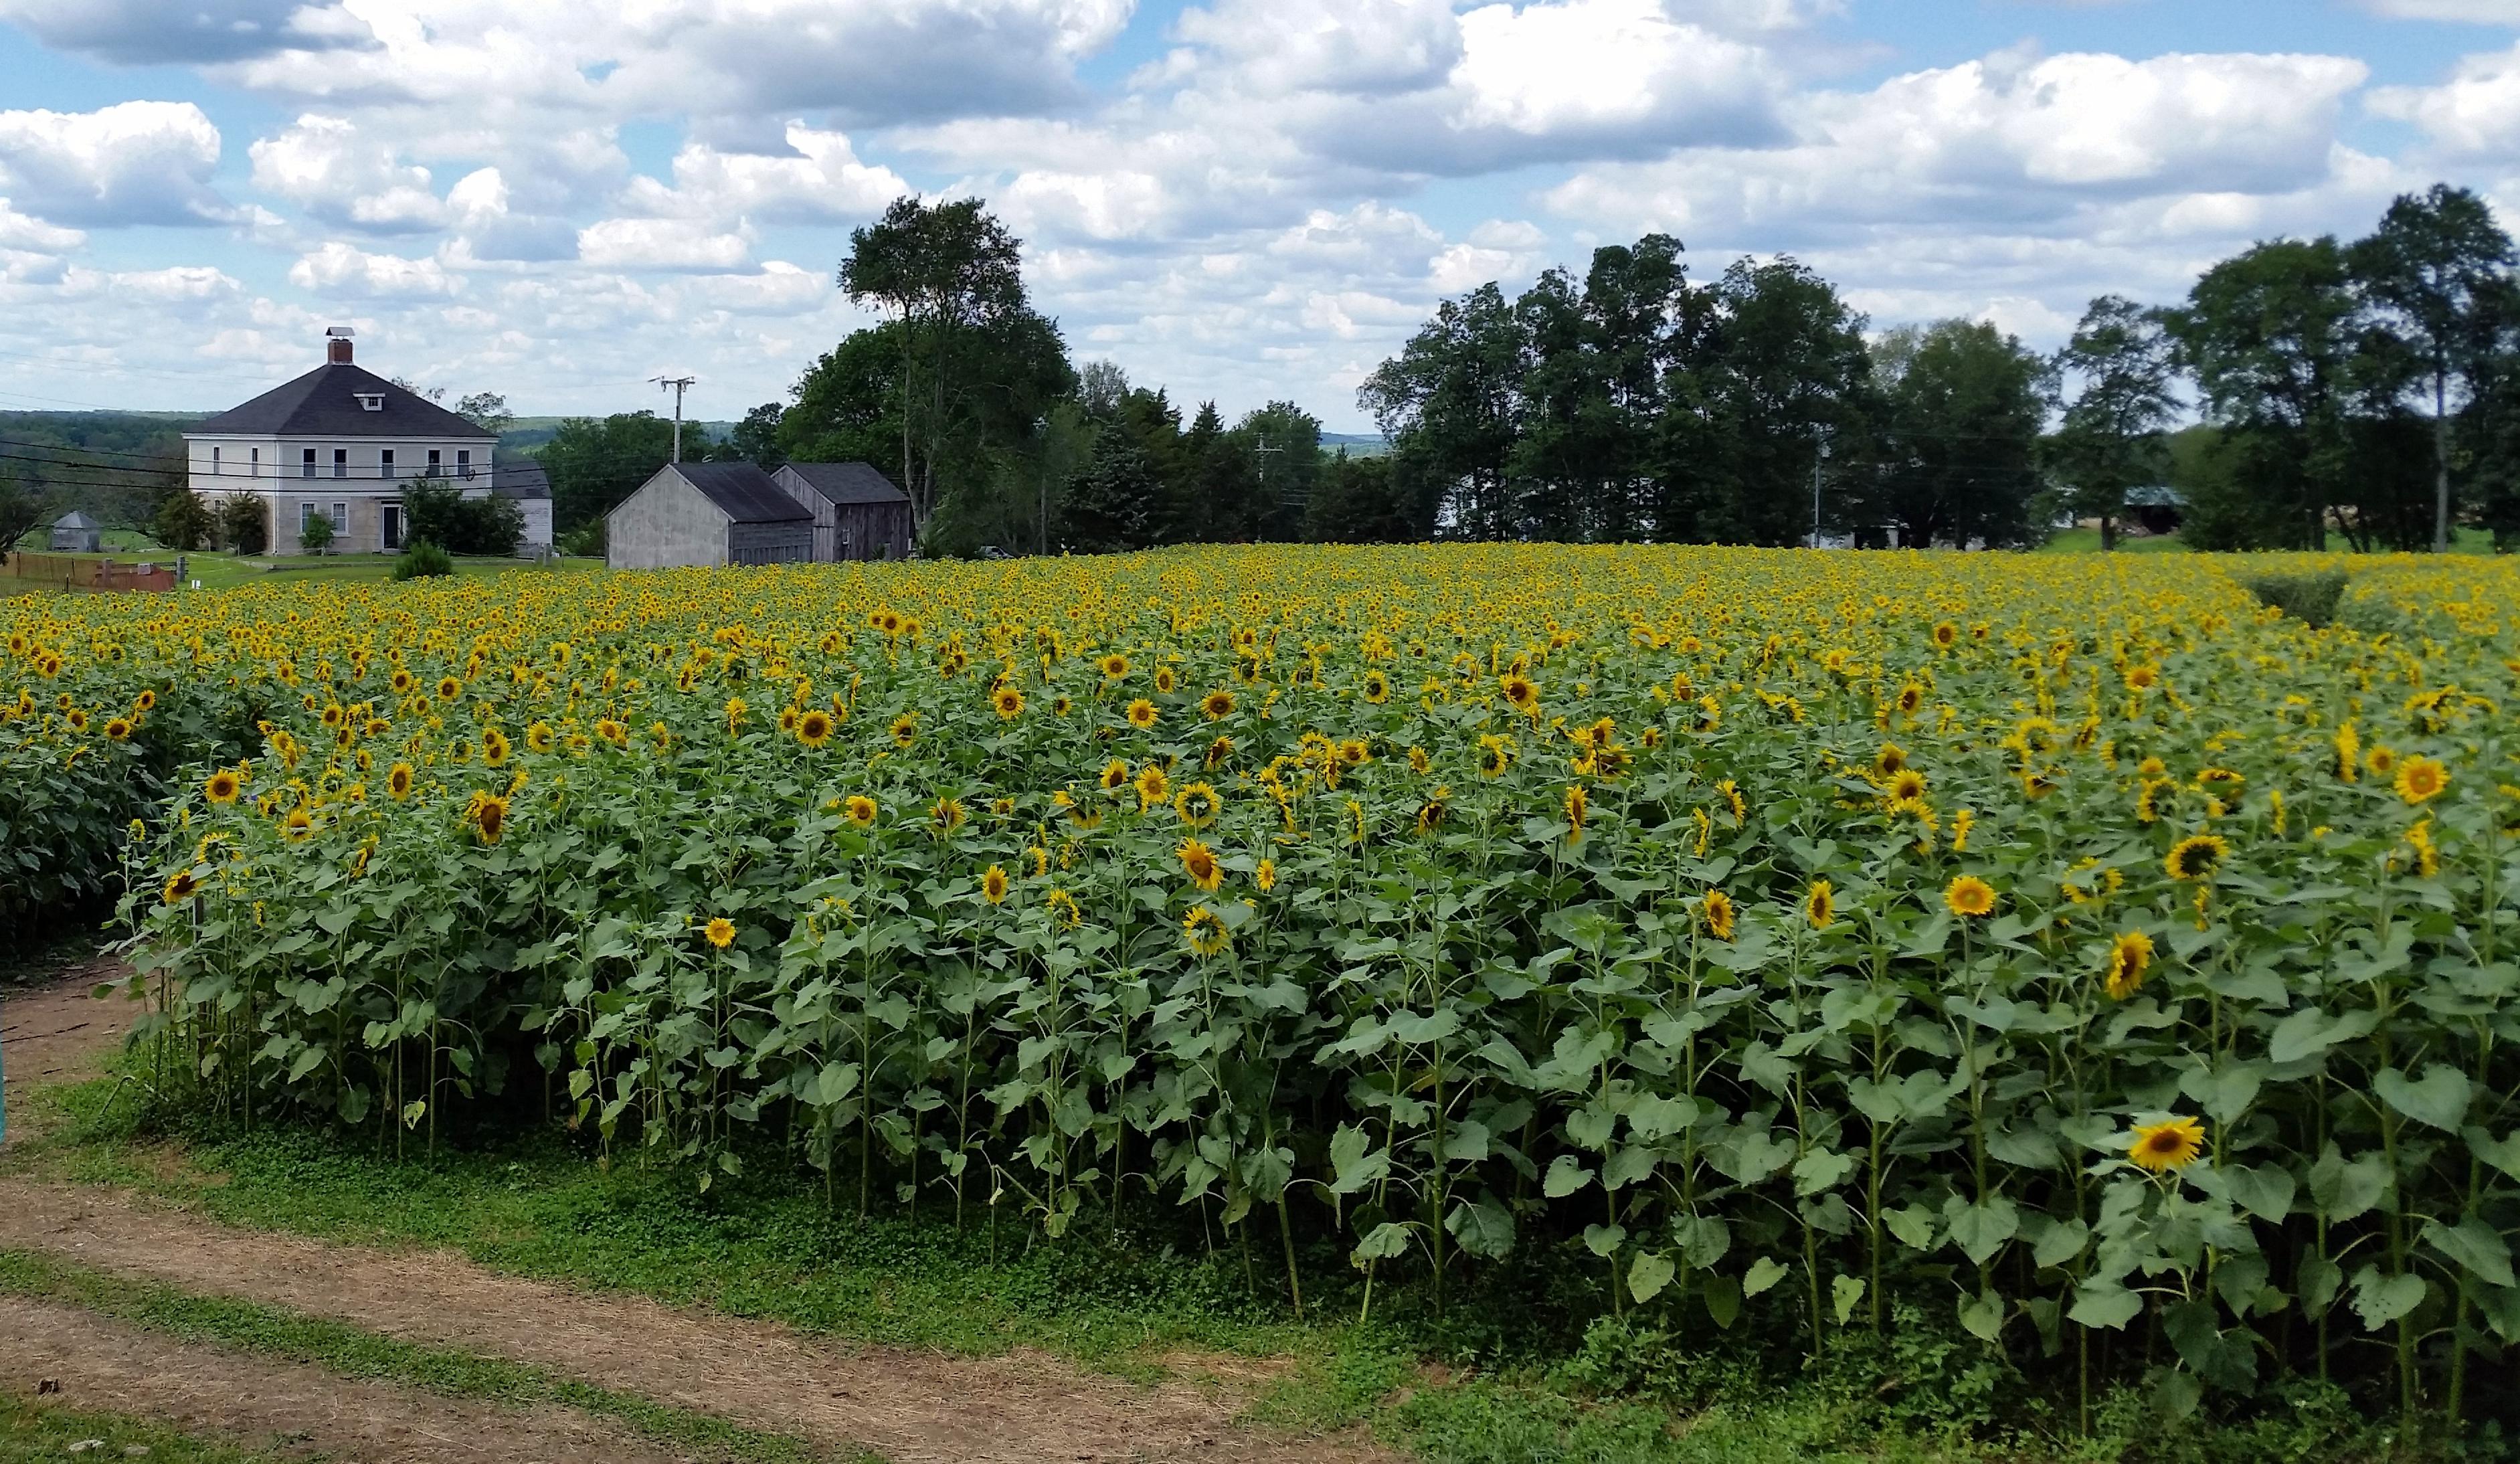 sunflower field with paths - Simsbury Garden Club